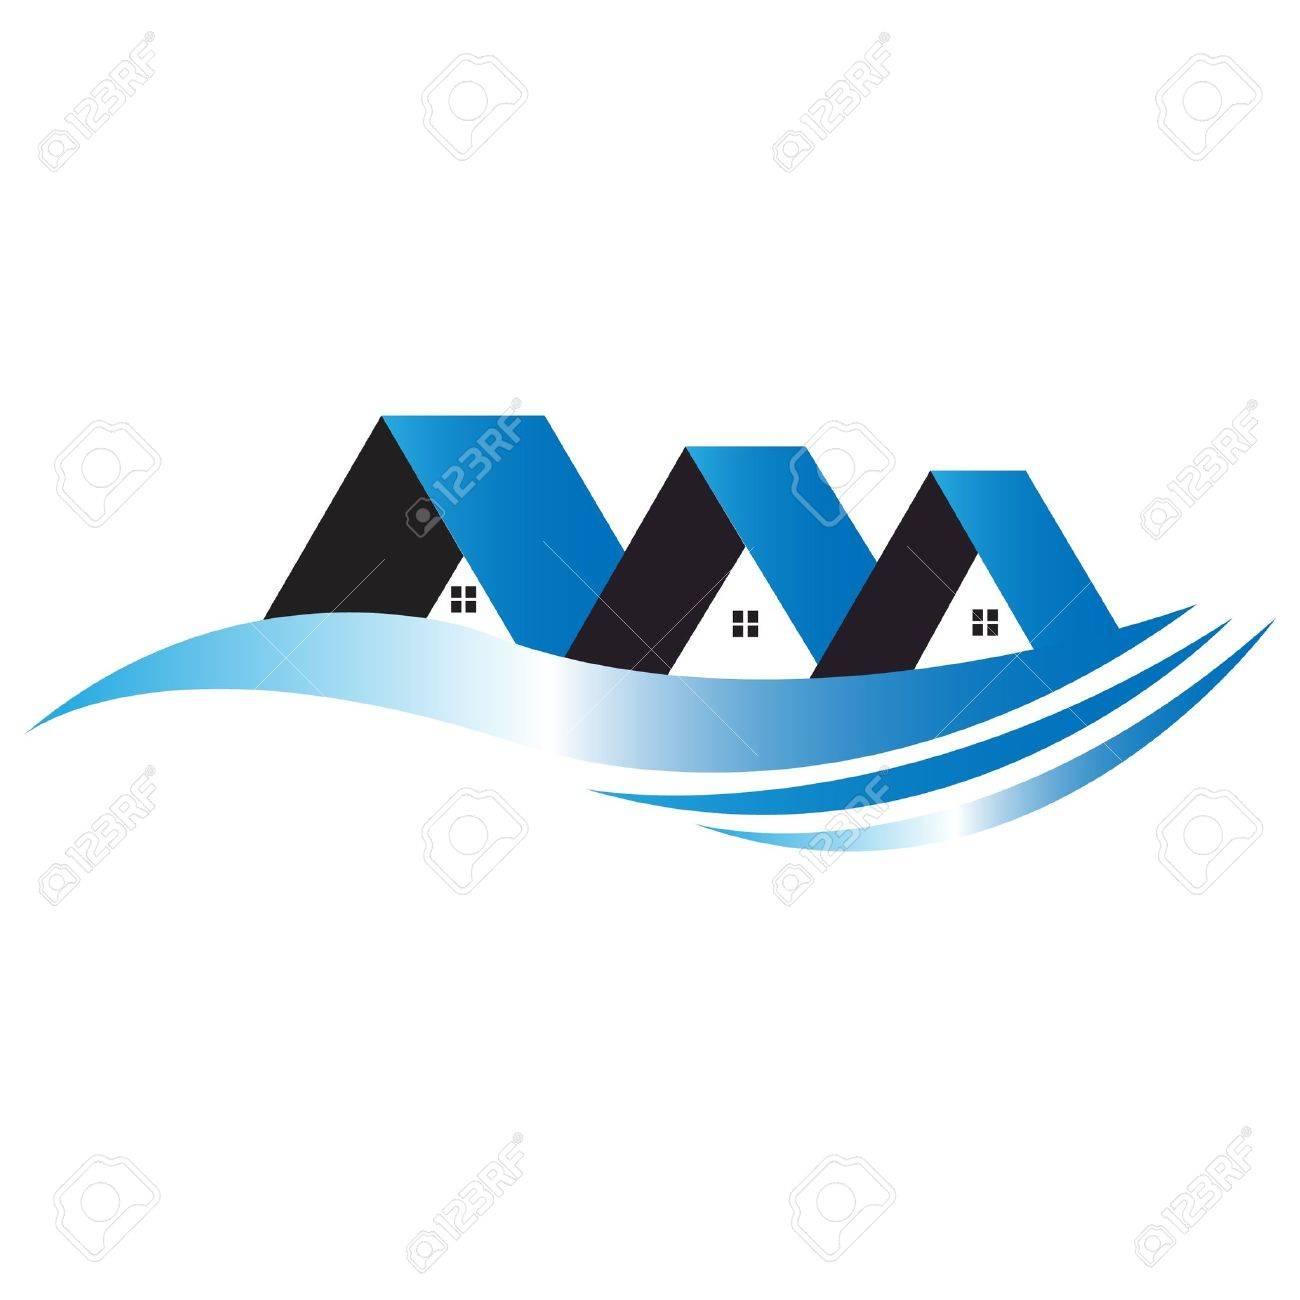 casas logotipo azul foto de archivo